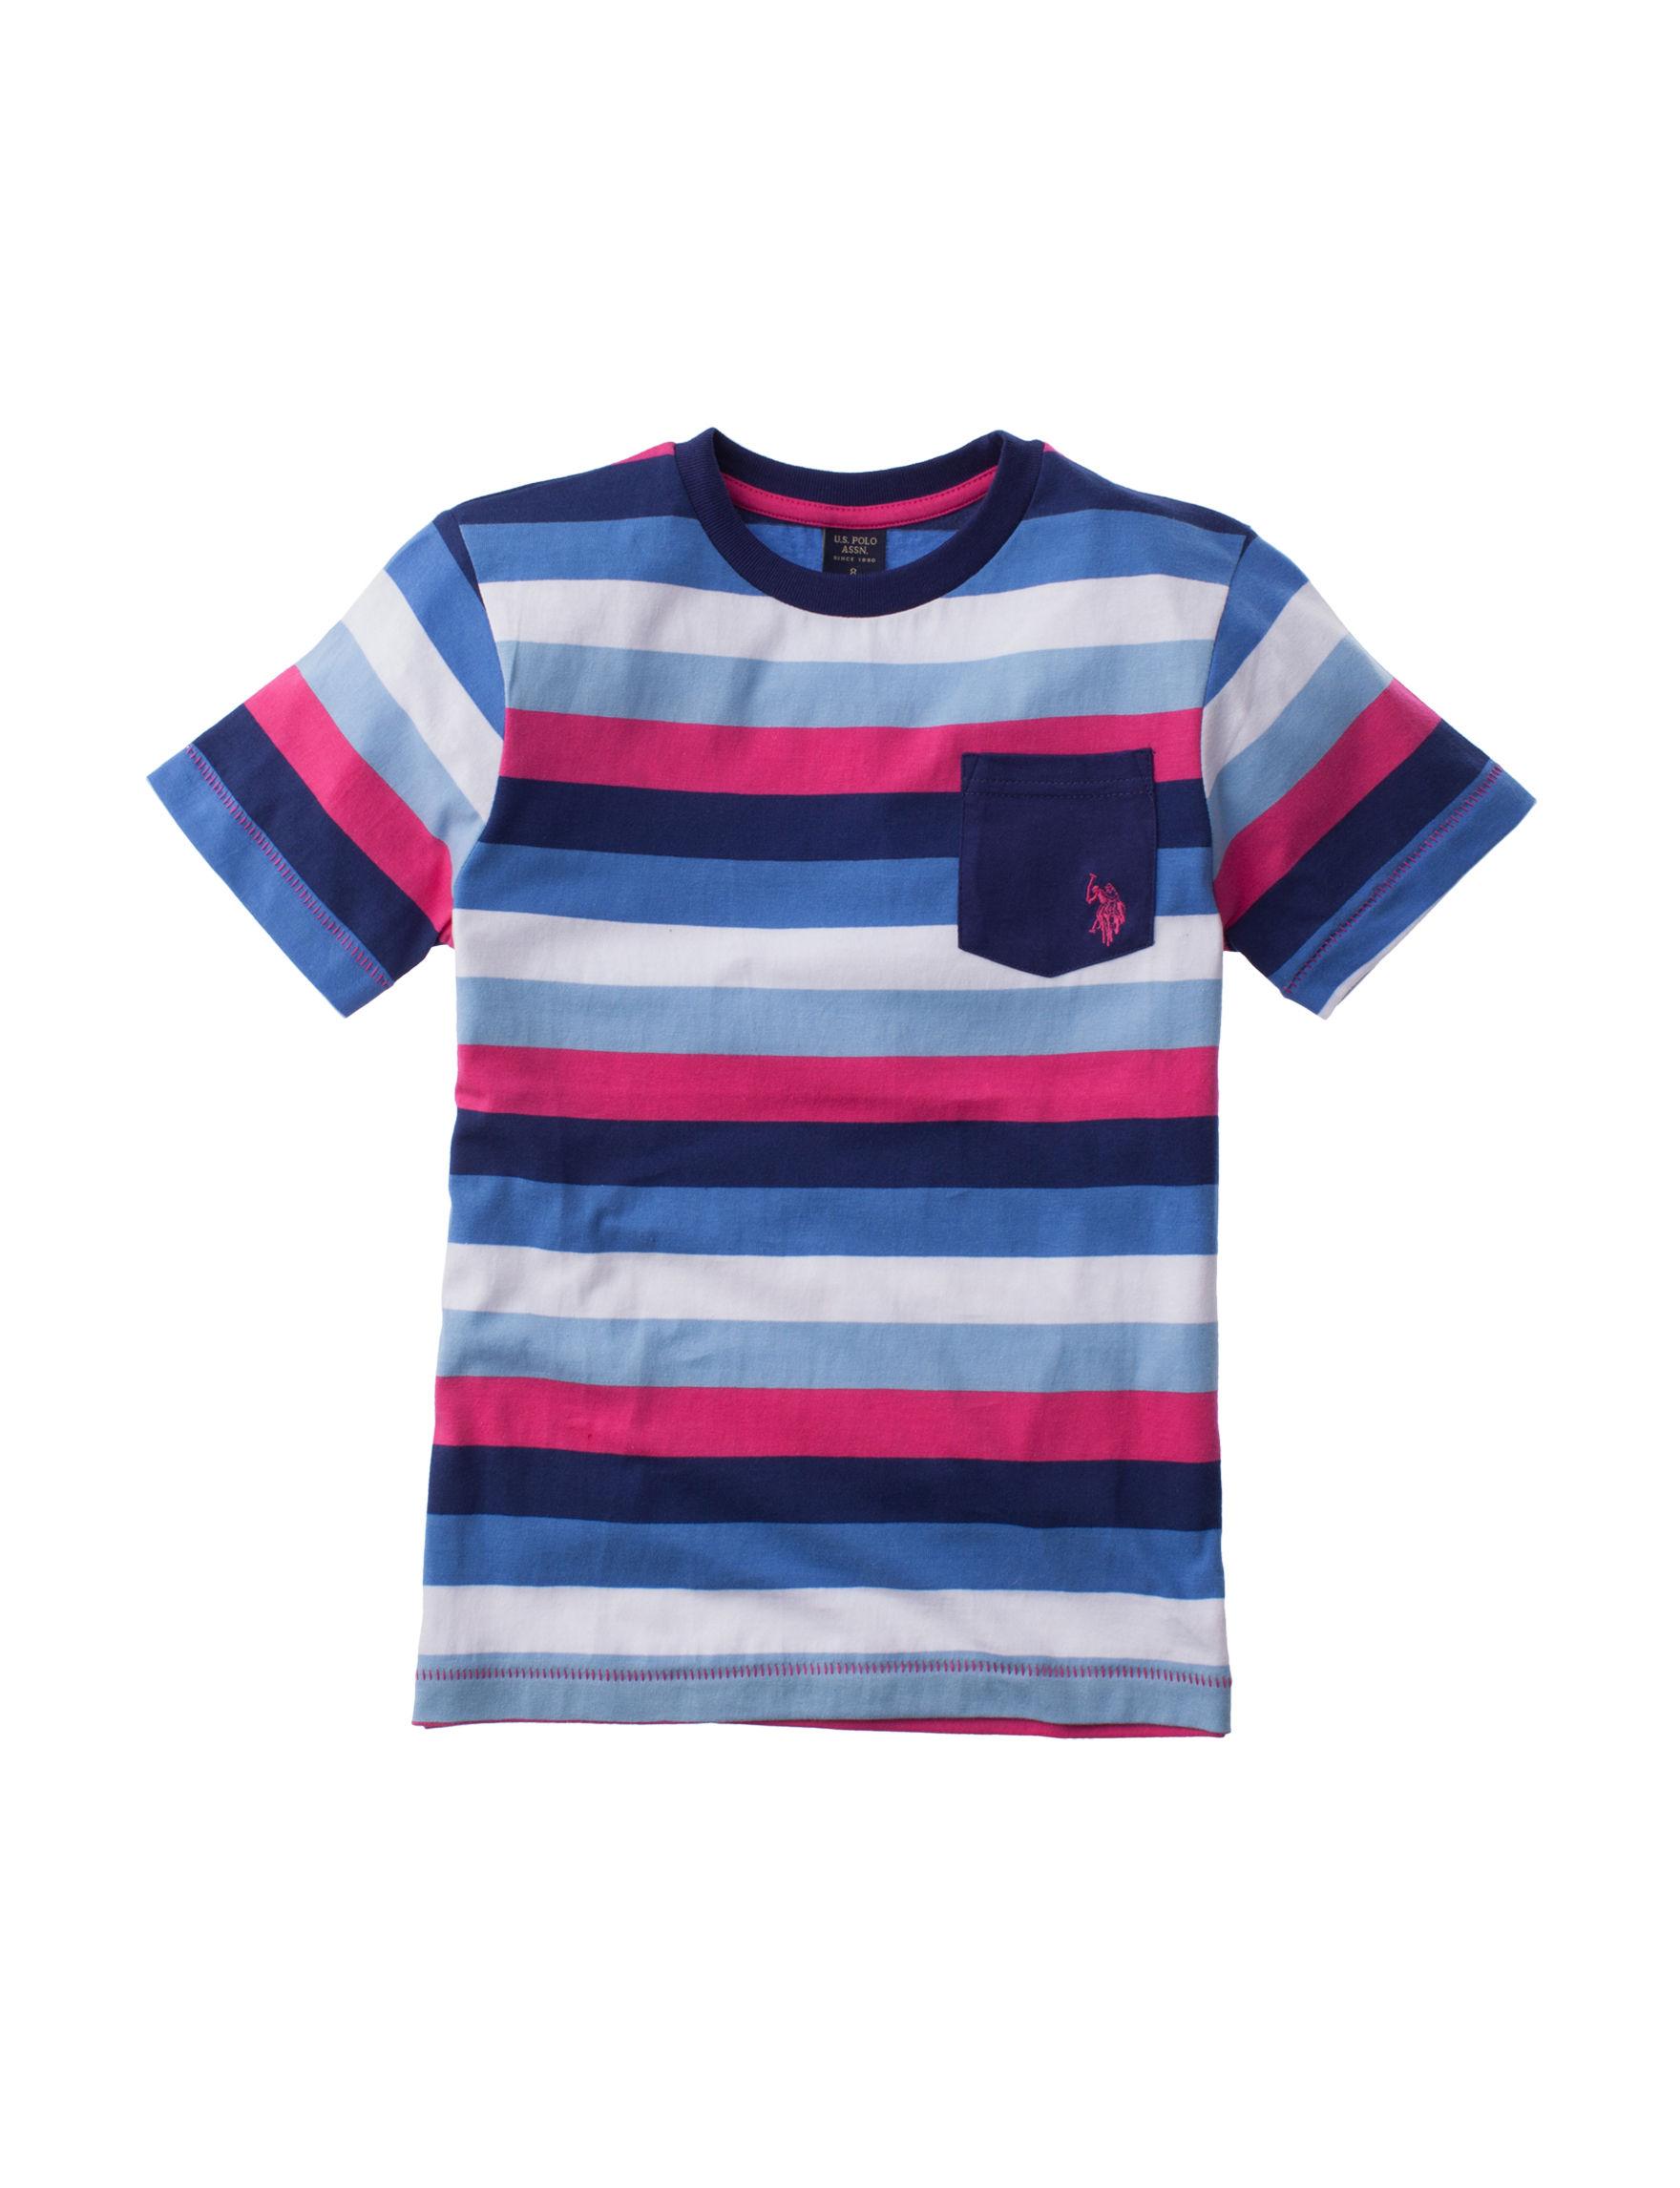 U.S. Polo Assn. Pink Stripe